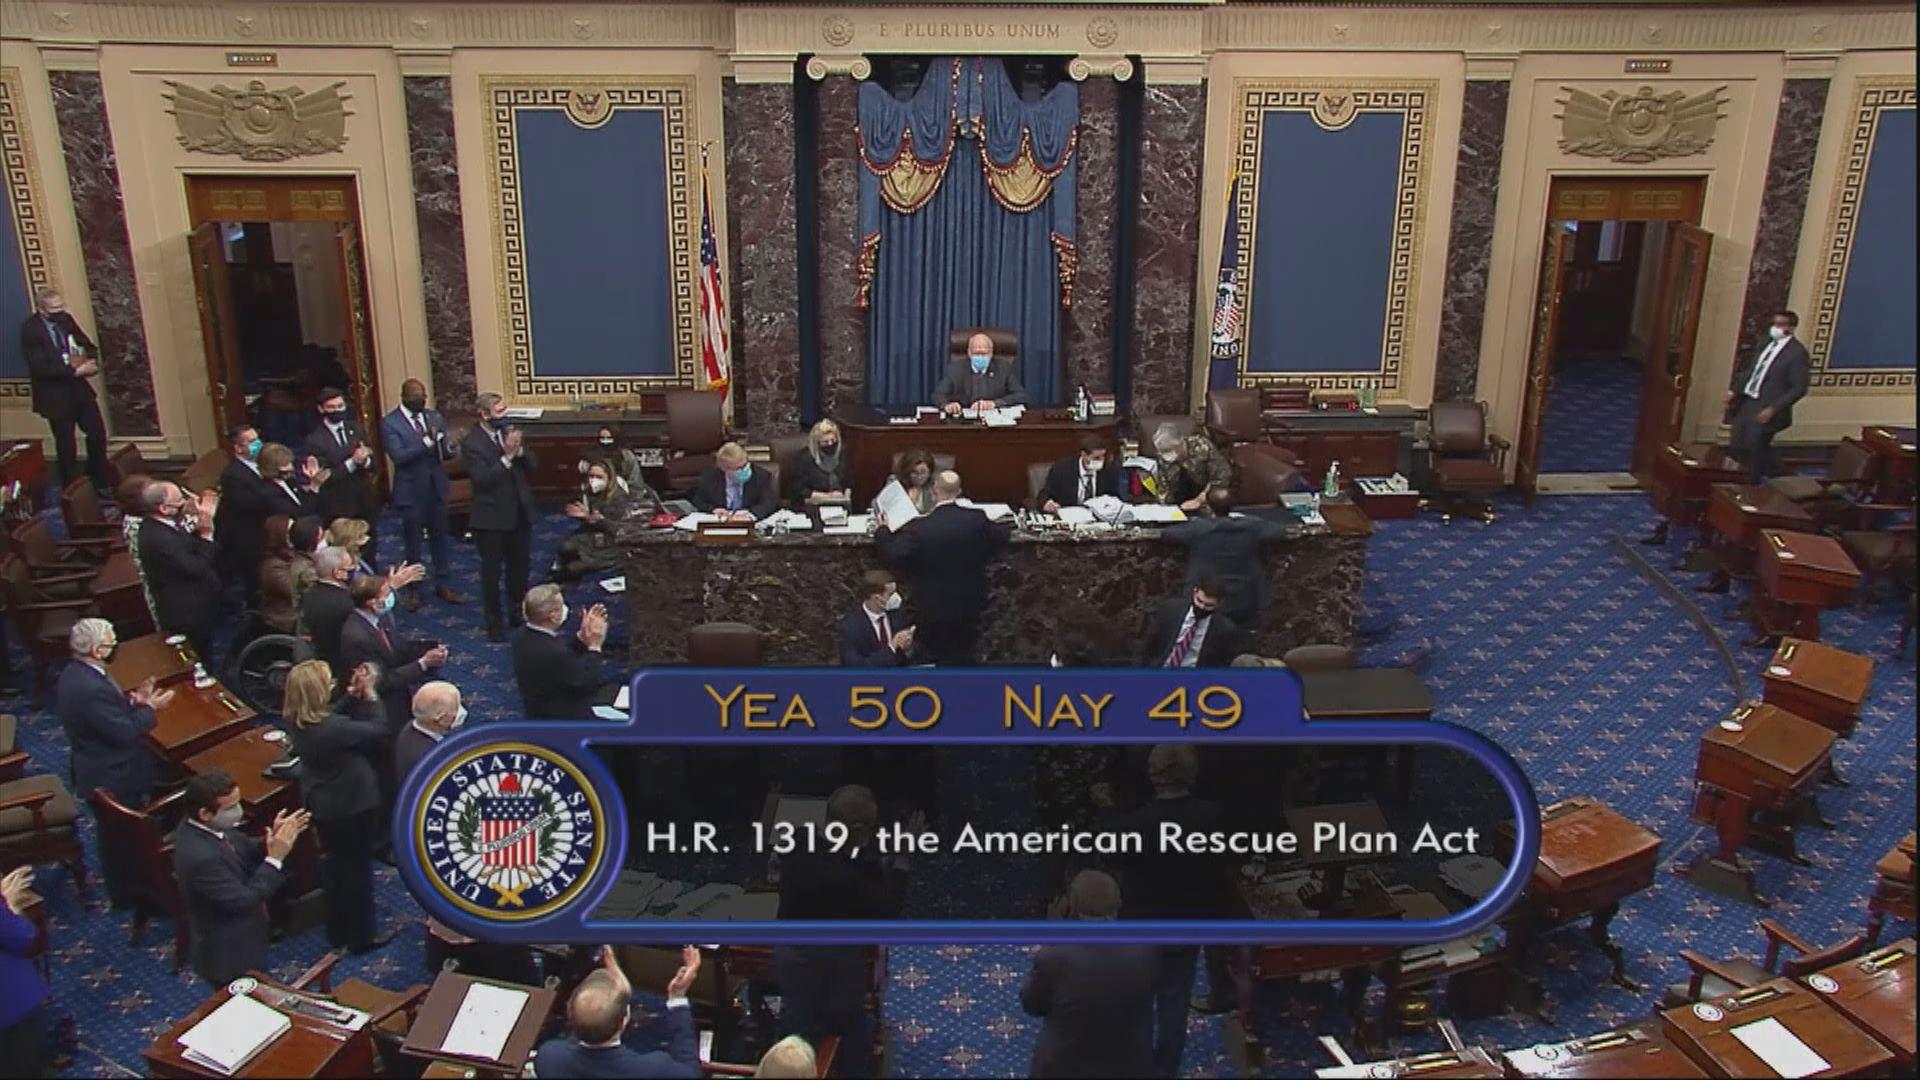 美眾議院將重新審議疫情紓困方案 料本周內表決通過